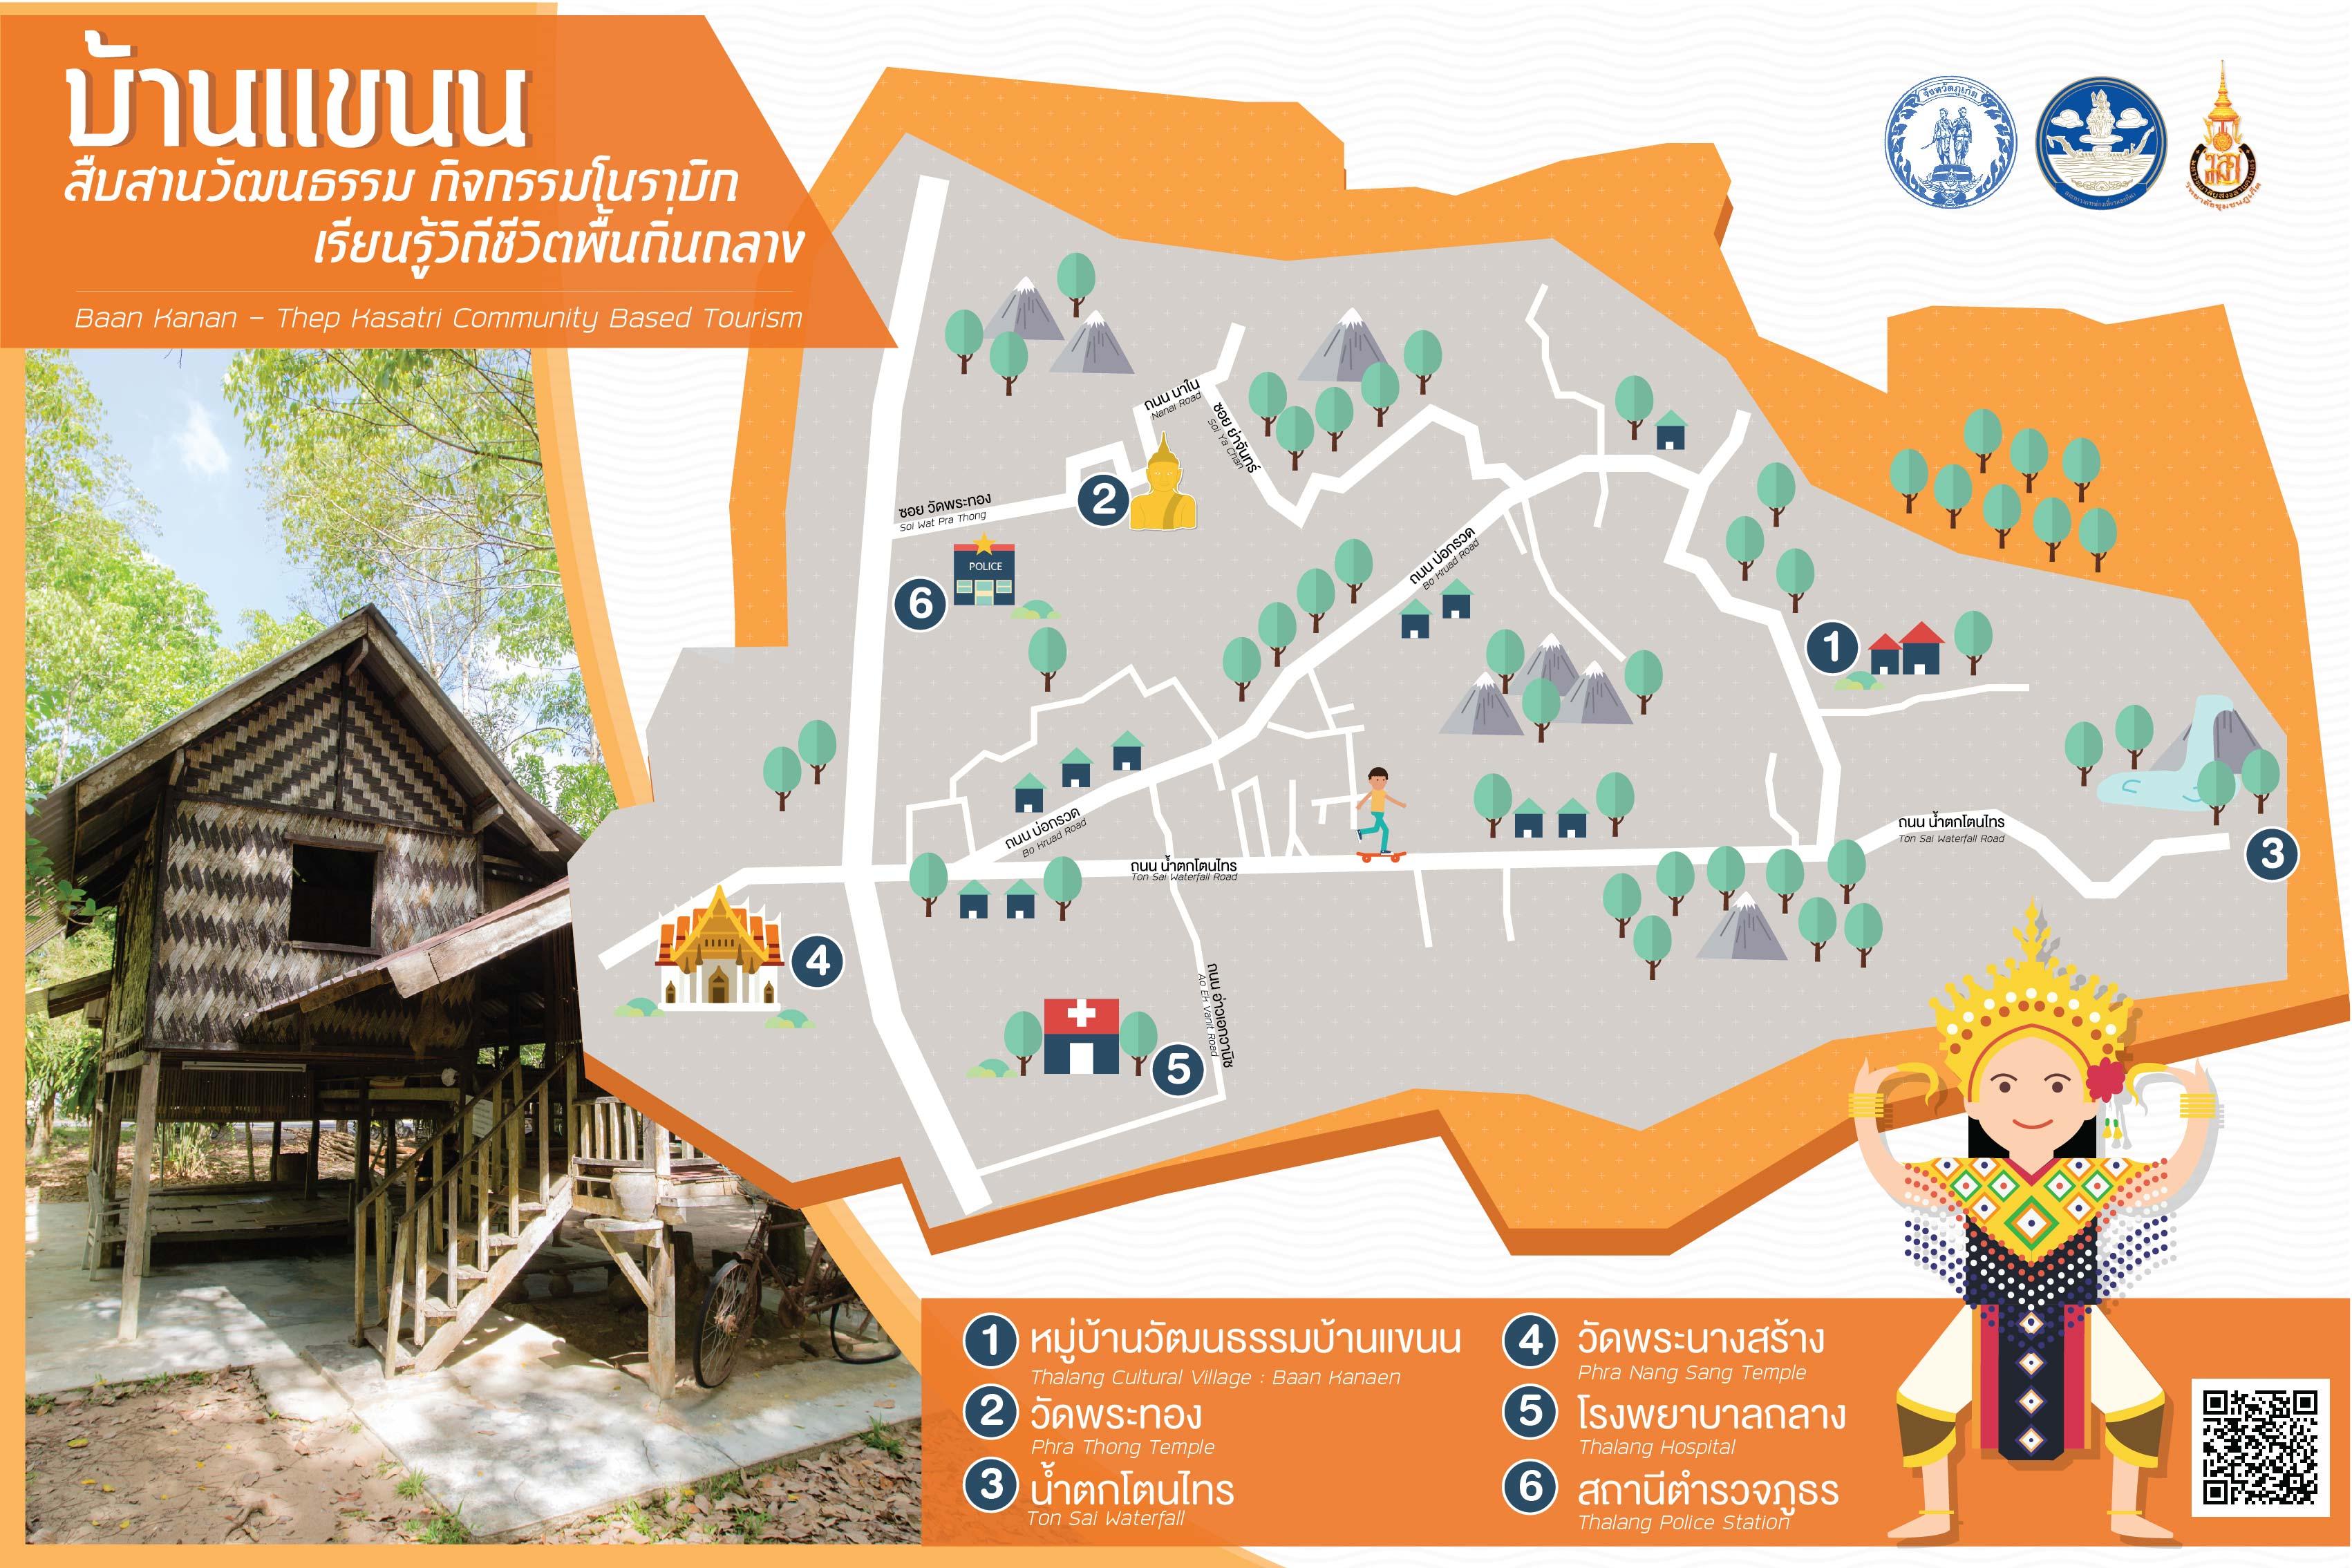 ชุมชนบ้านแขนน(หมู่บ้านวัฒนธรรมถลาง) Baan Kanan Community(Thalang Cultural and Traditional village)